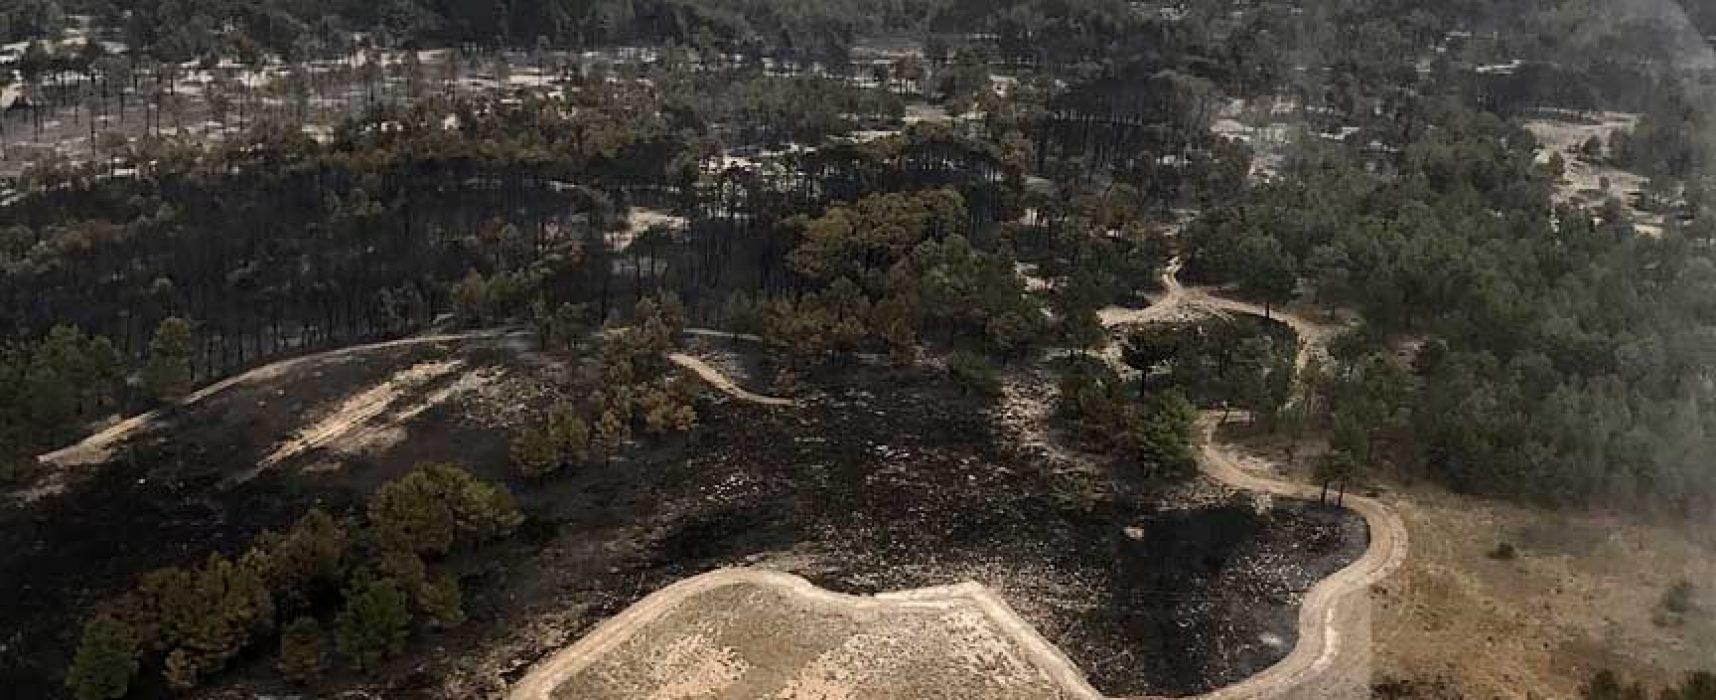 El incendio de Navalilla se declara controlado y se baja a nivel 0